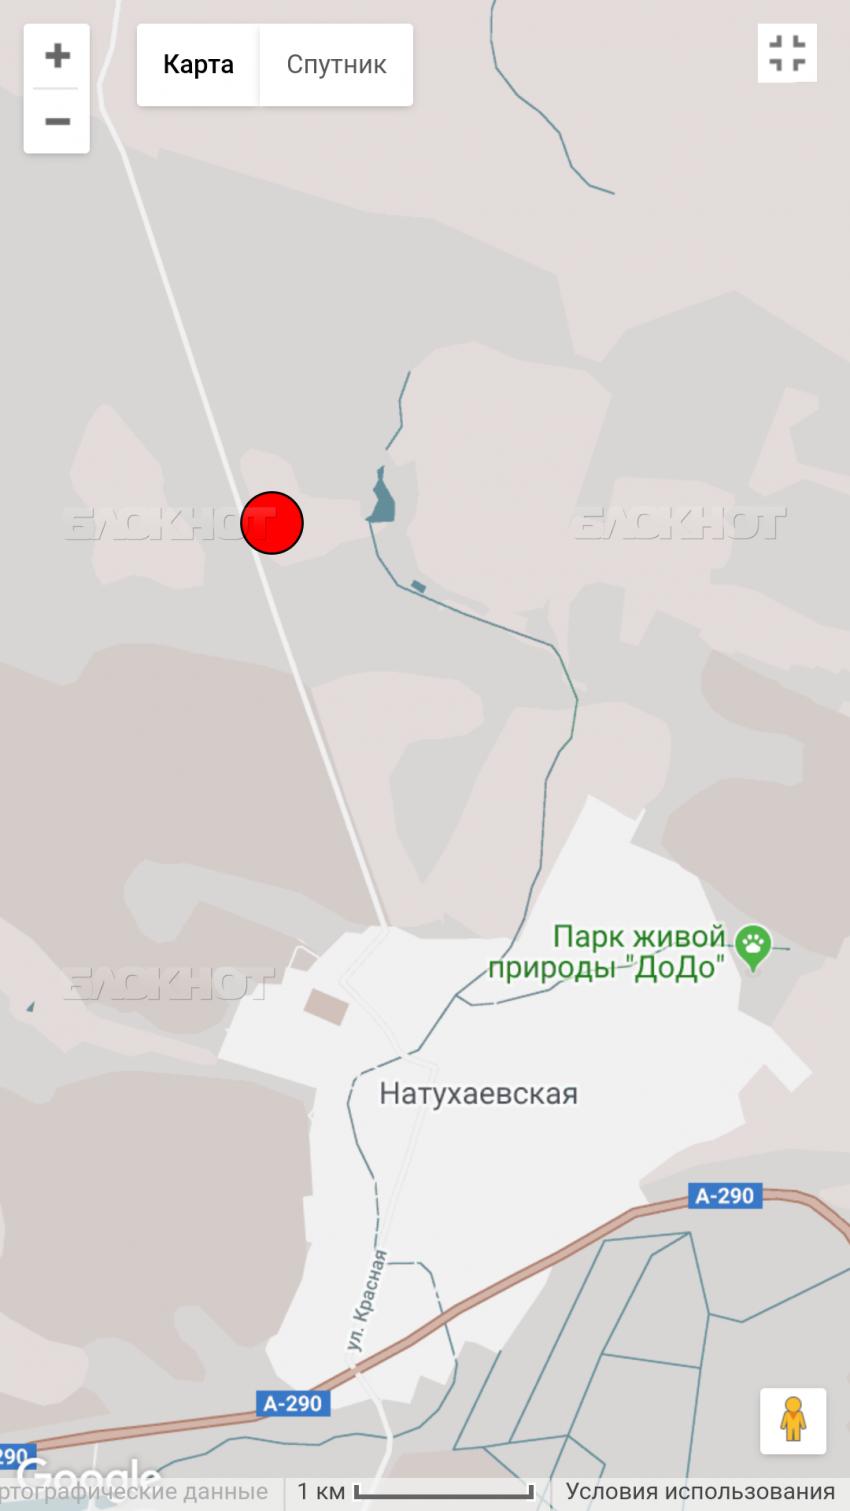 Появились первые официальные данные о подземных толчках в Новороссийске